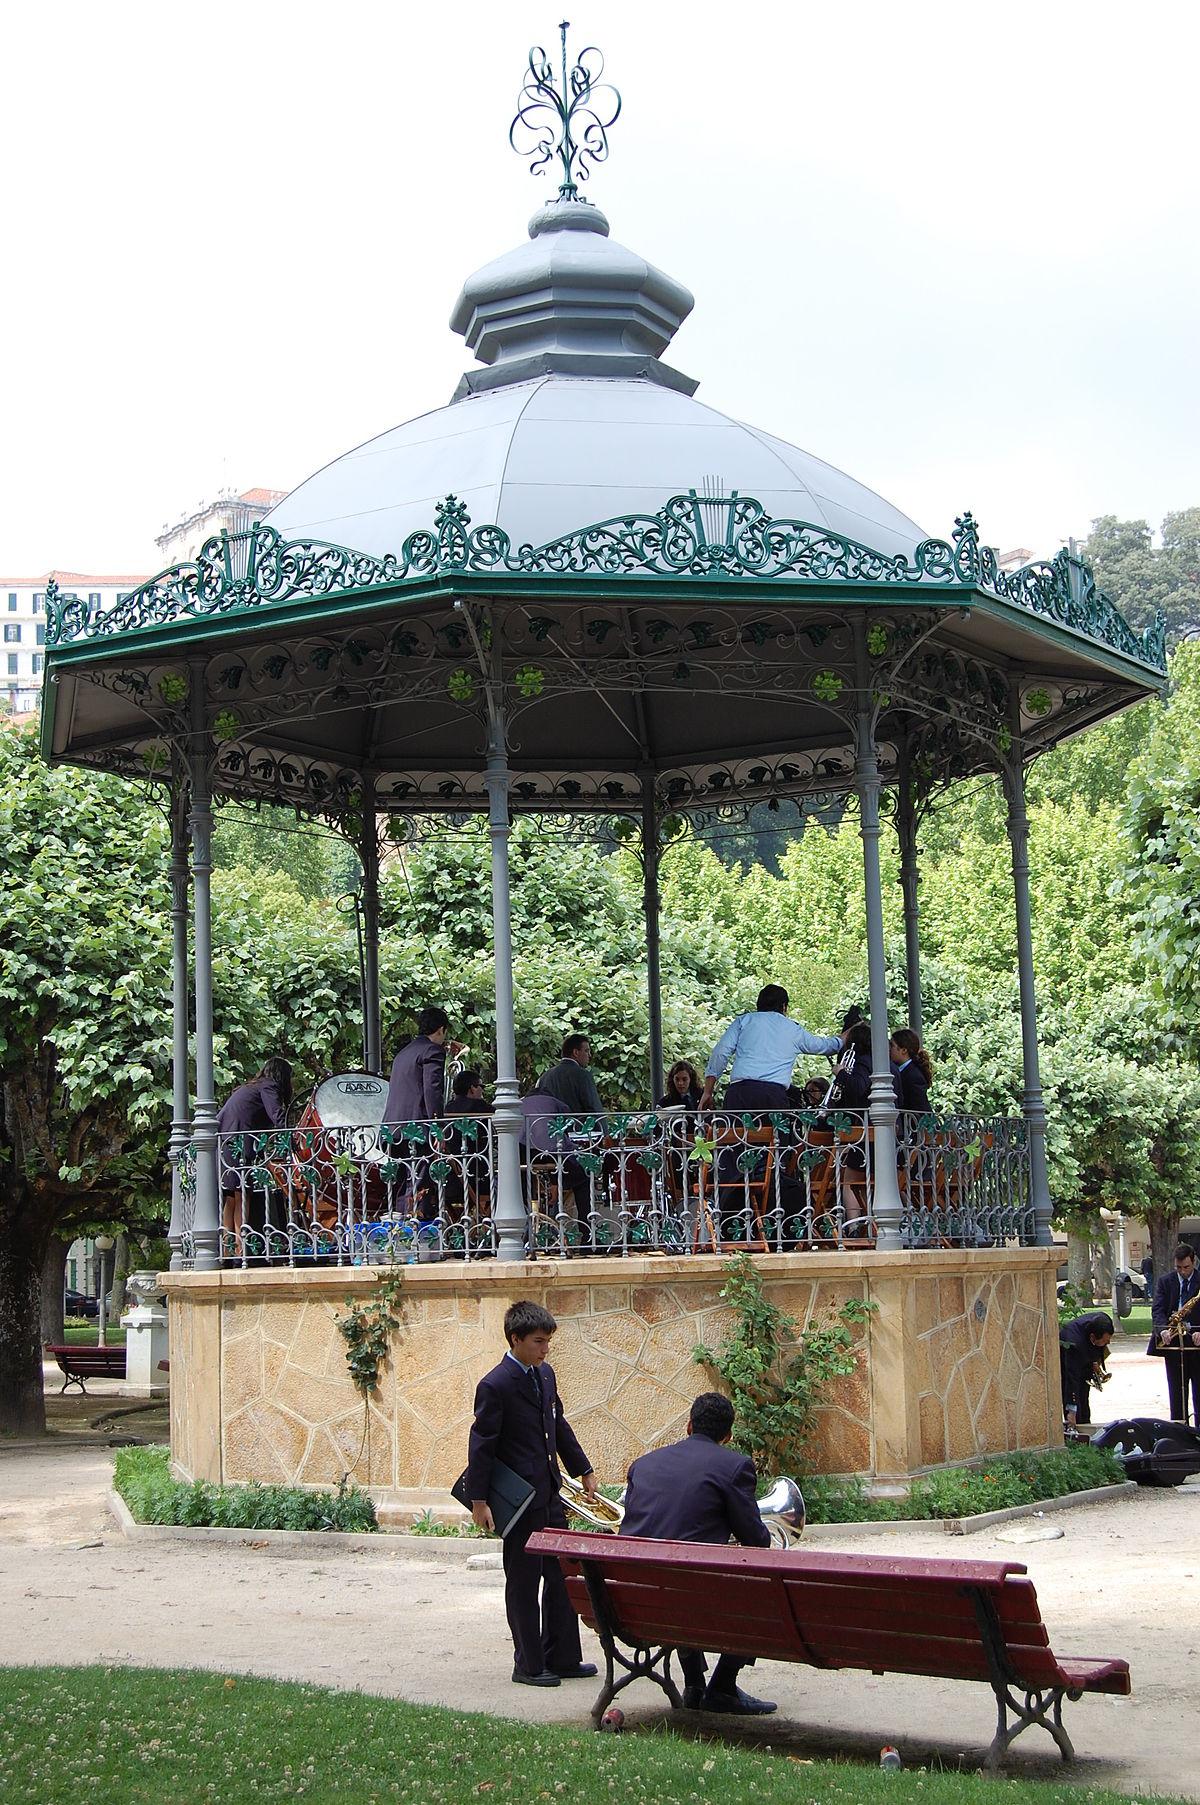 Templete m sica wikipedia la enciclopedia libre for Para desarrollar un parque ajardinado